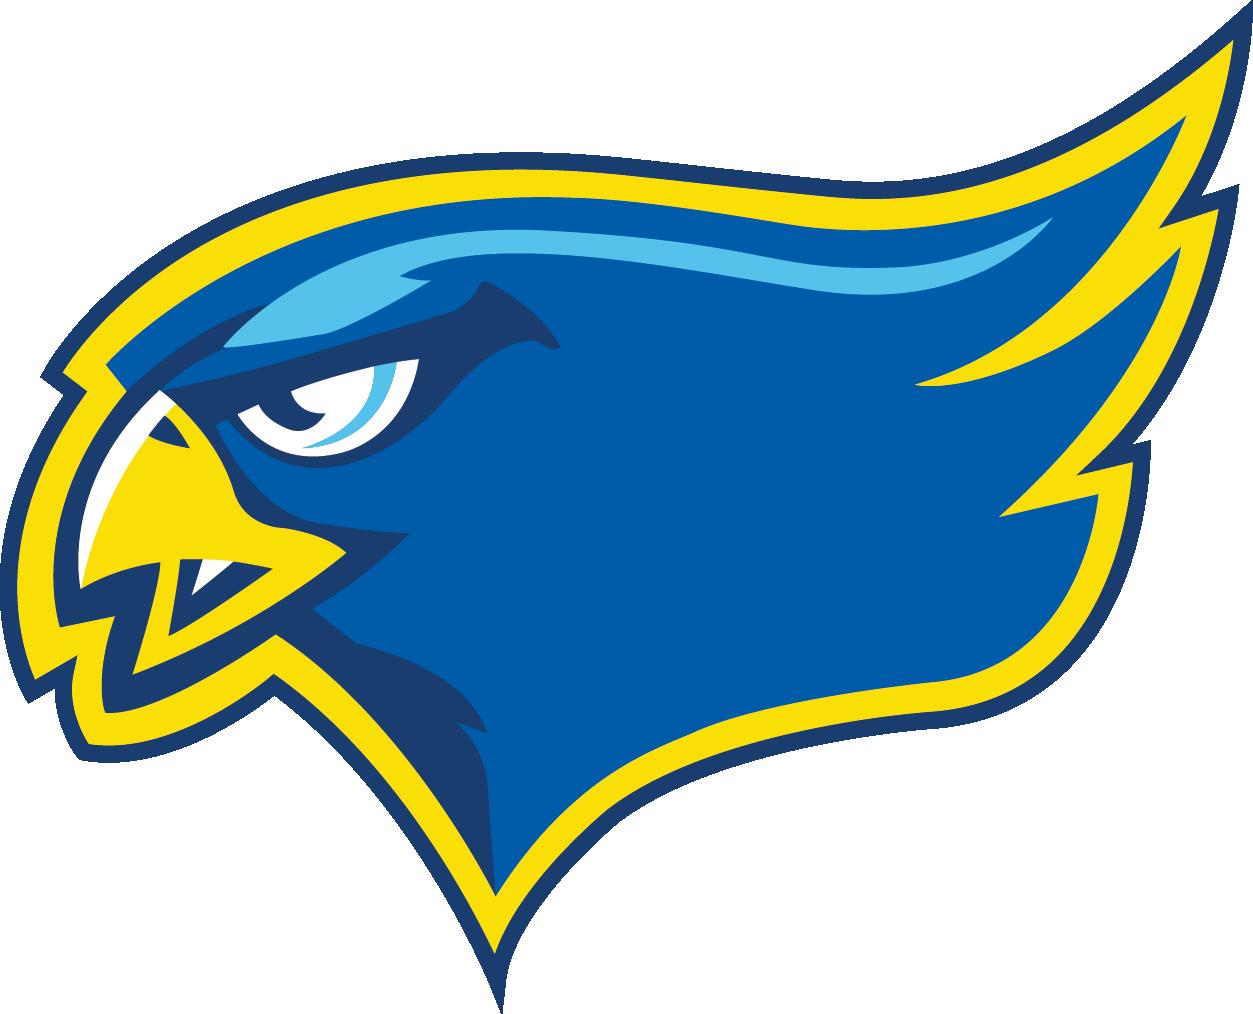 Rgs track and field. Falcon clipart mascot